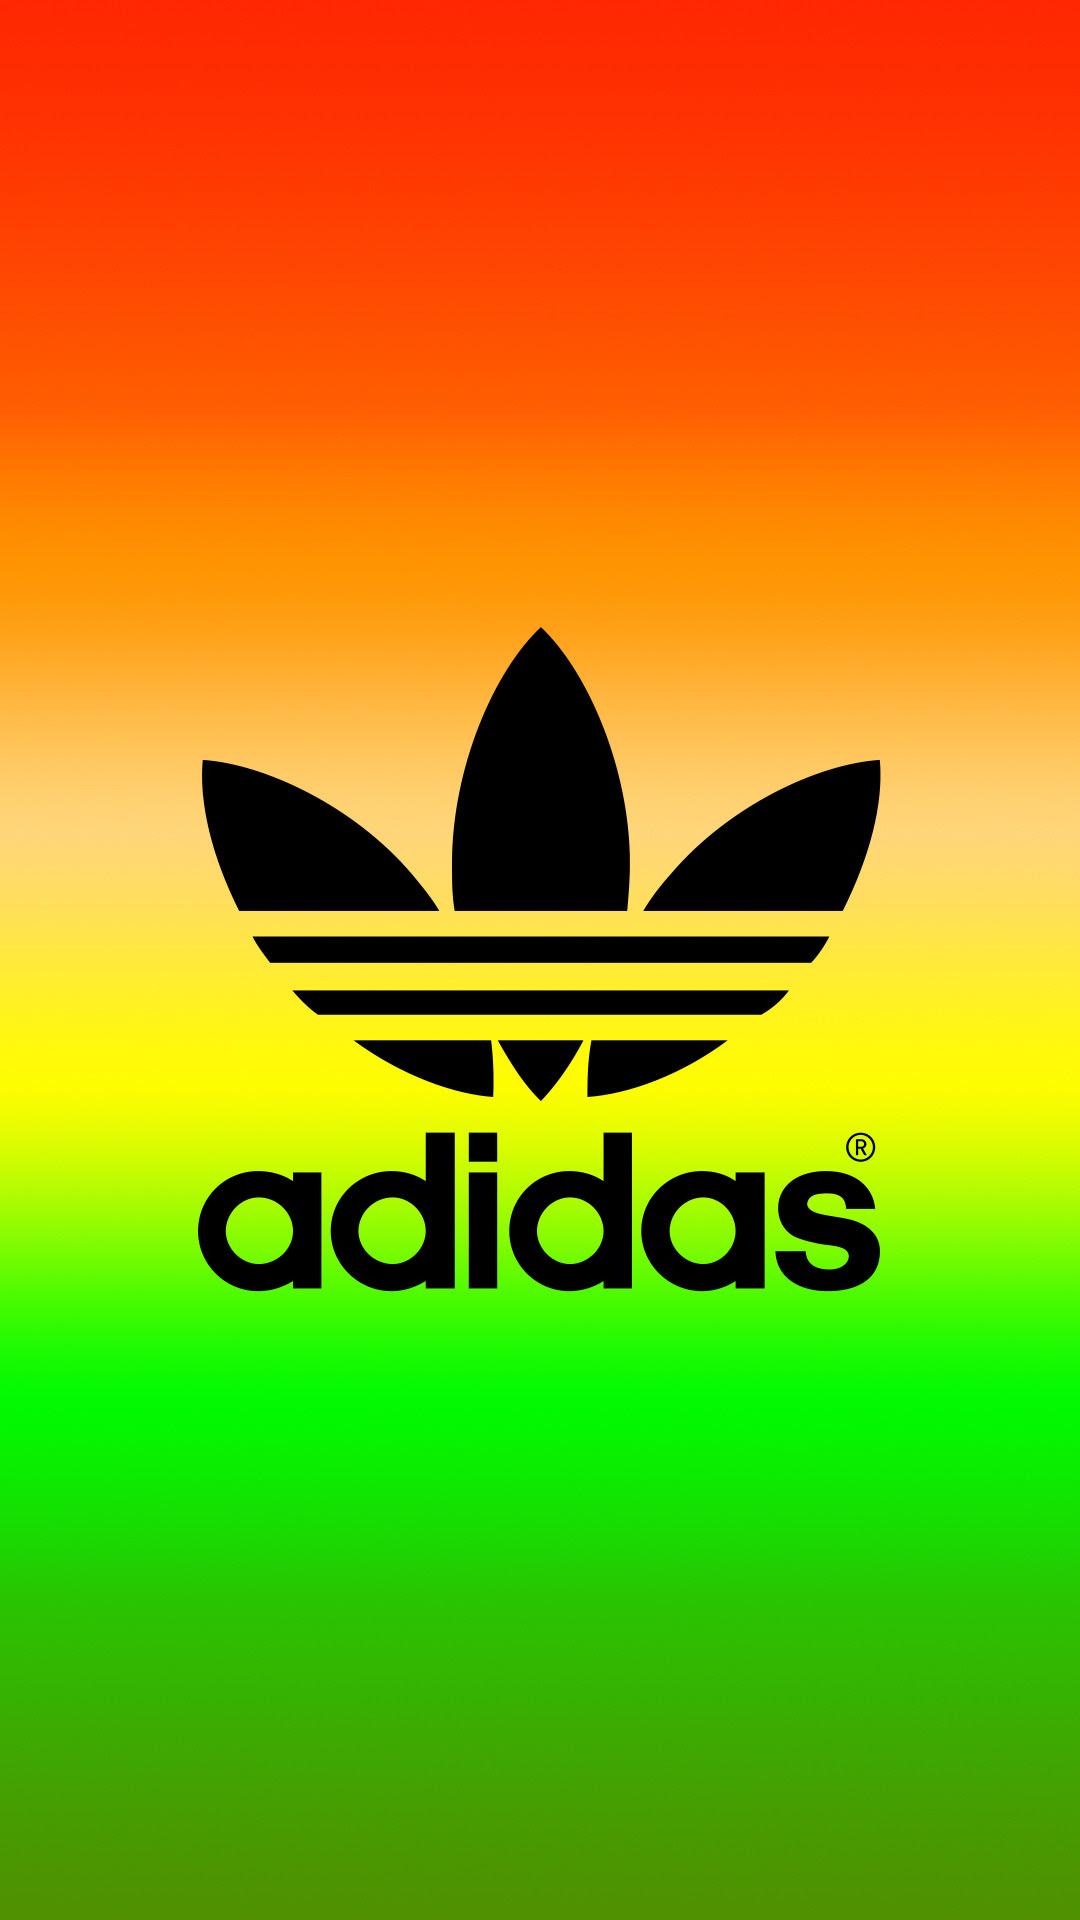 一番欲しい Adidas Originals 壁紙 トップの壁紙はこちら